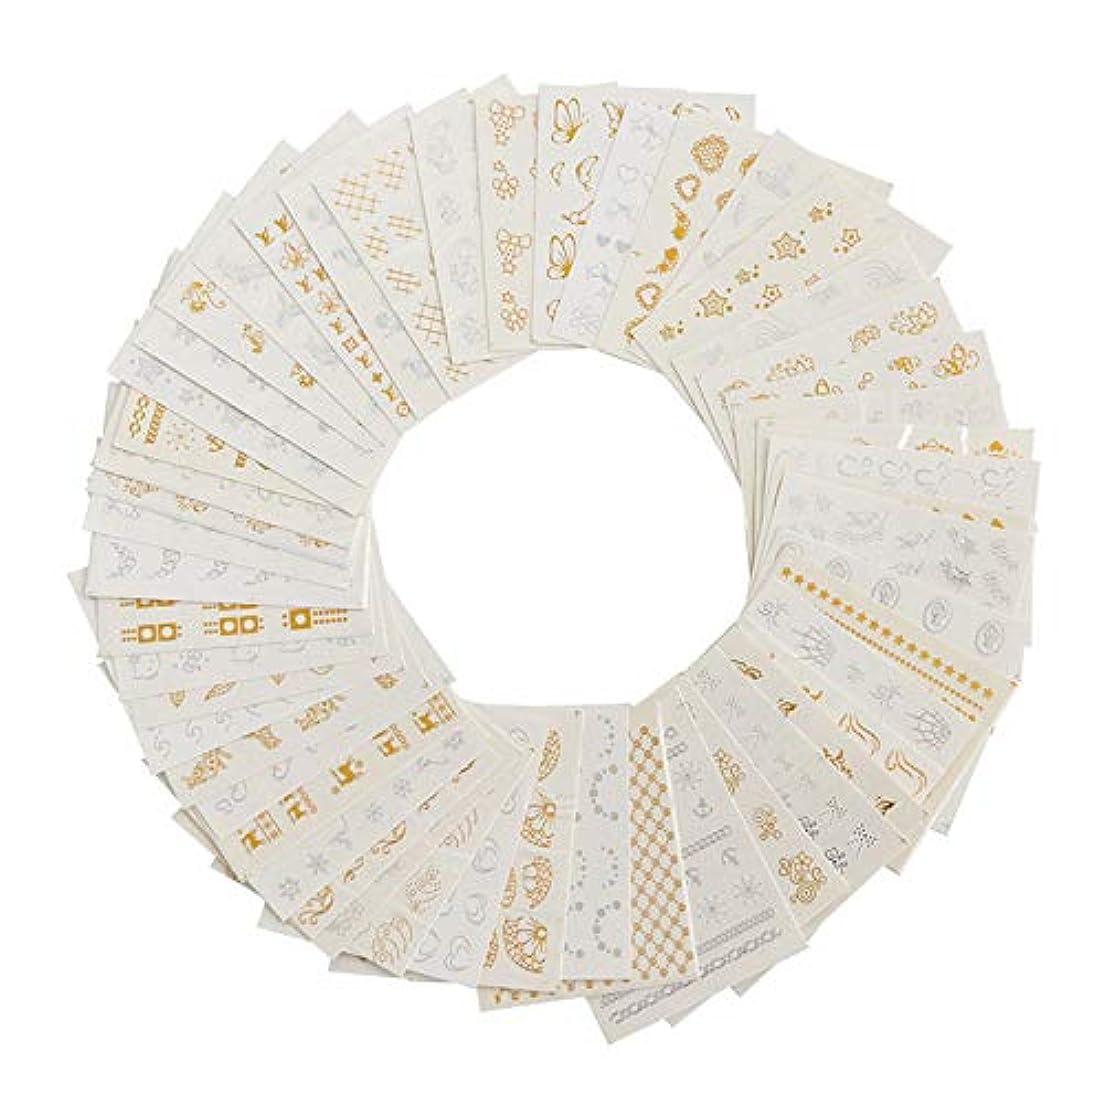 ネイルホイル ゴールド シルバー 羽毛ネイルステッカー ウォーターネイルシール ネイルアート デコレーション パーツ 30枚セット